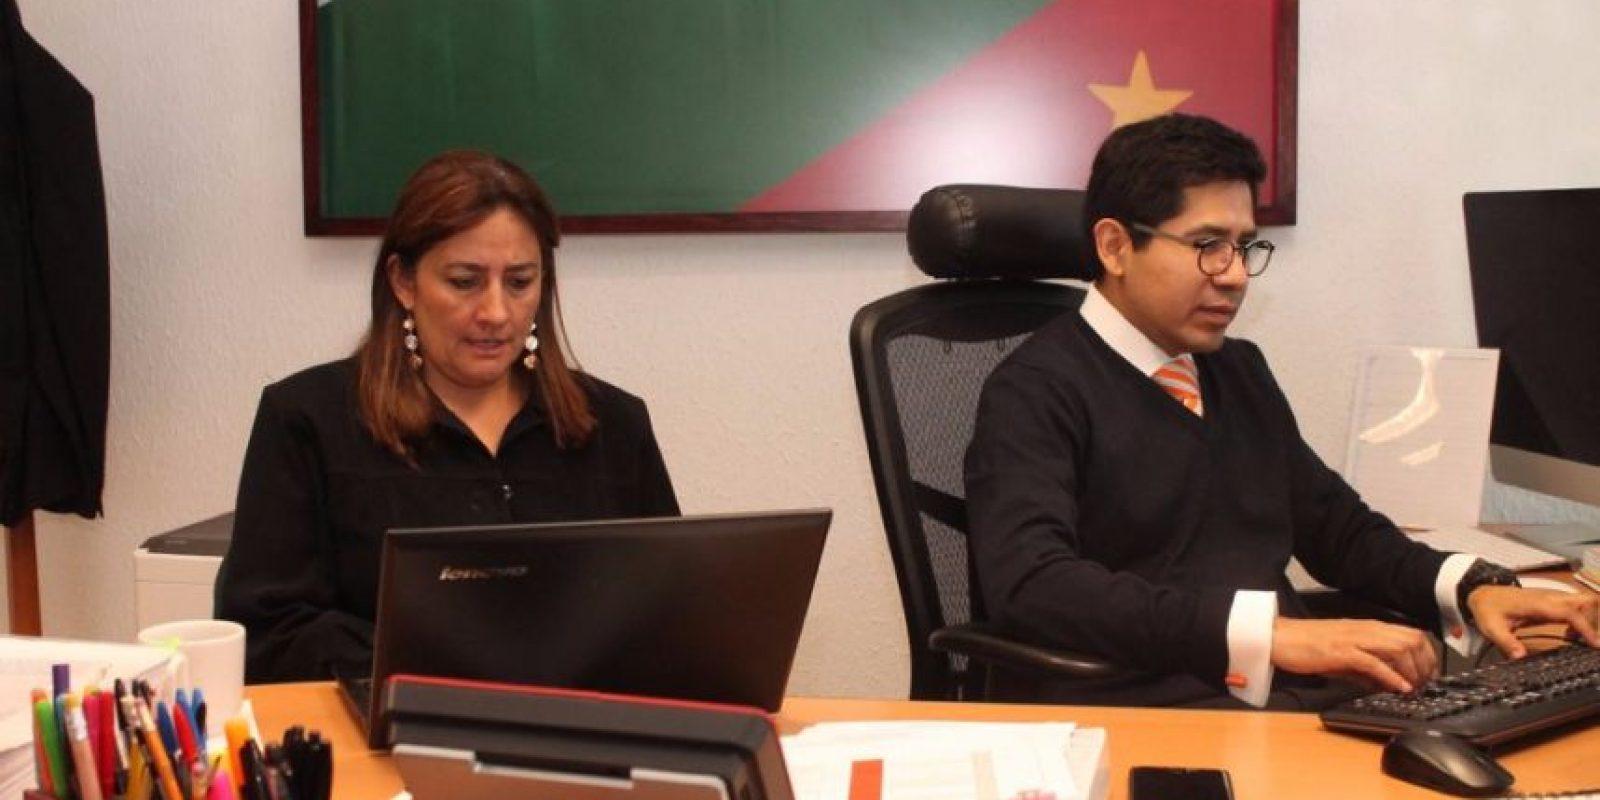 Eber Betanzos, subprocurador de Derechos Humanos Prevención del Delito y Servicios a la Comunidad de la PGR durante la reunión con Ángela Buitrago, integrante del Grupo Interdisciplinario de Expertos Independientes (GIEI). Foto:@PGR_mx